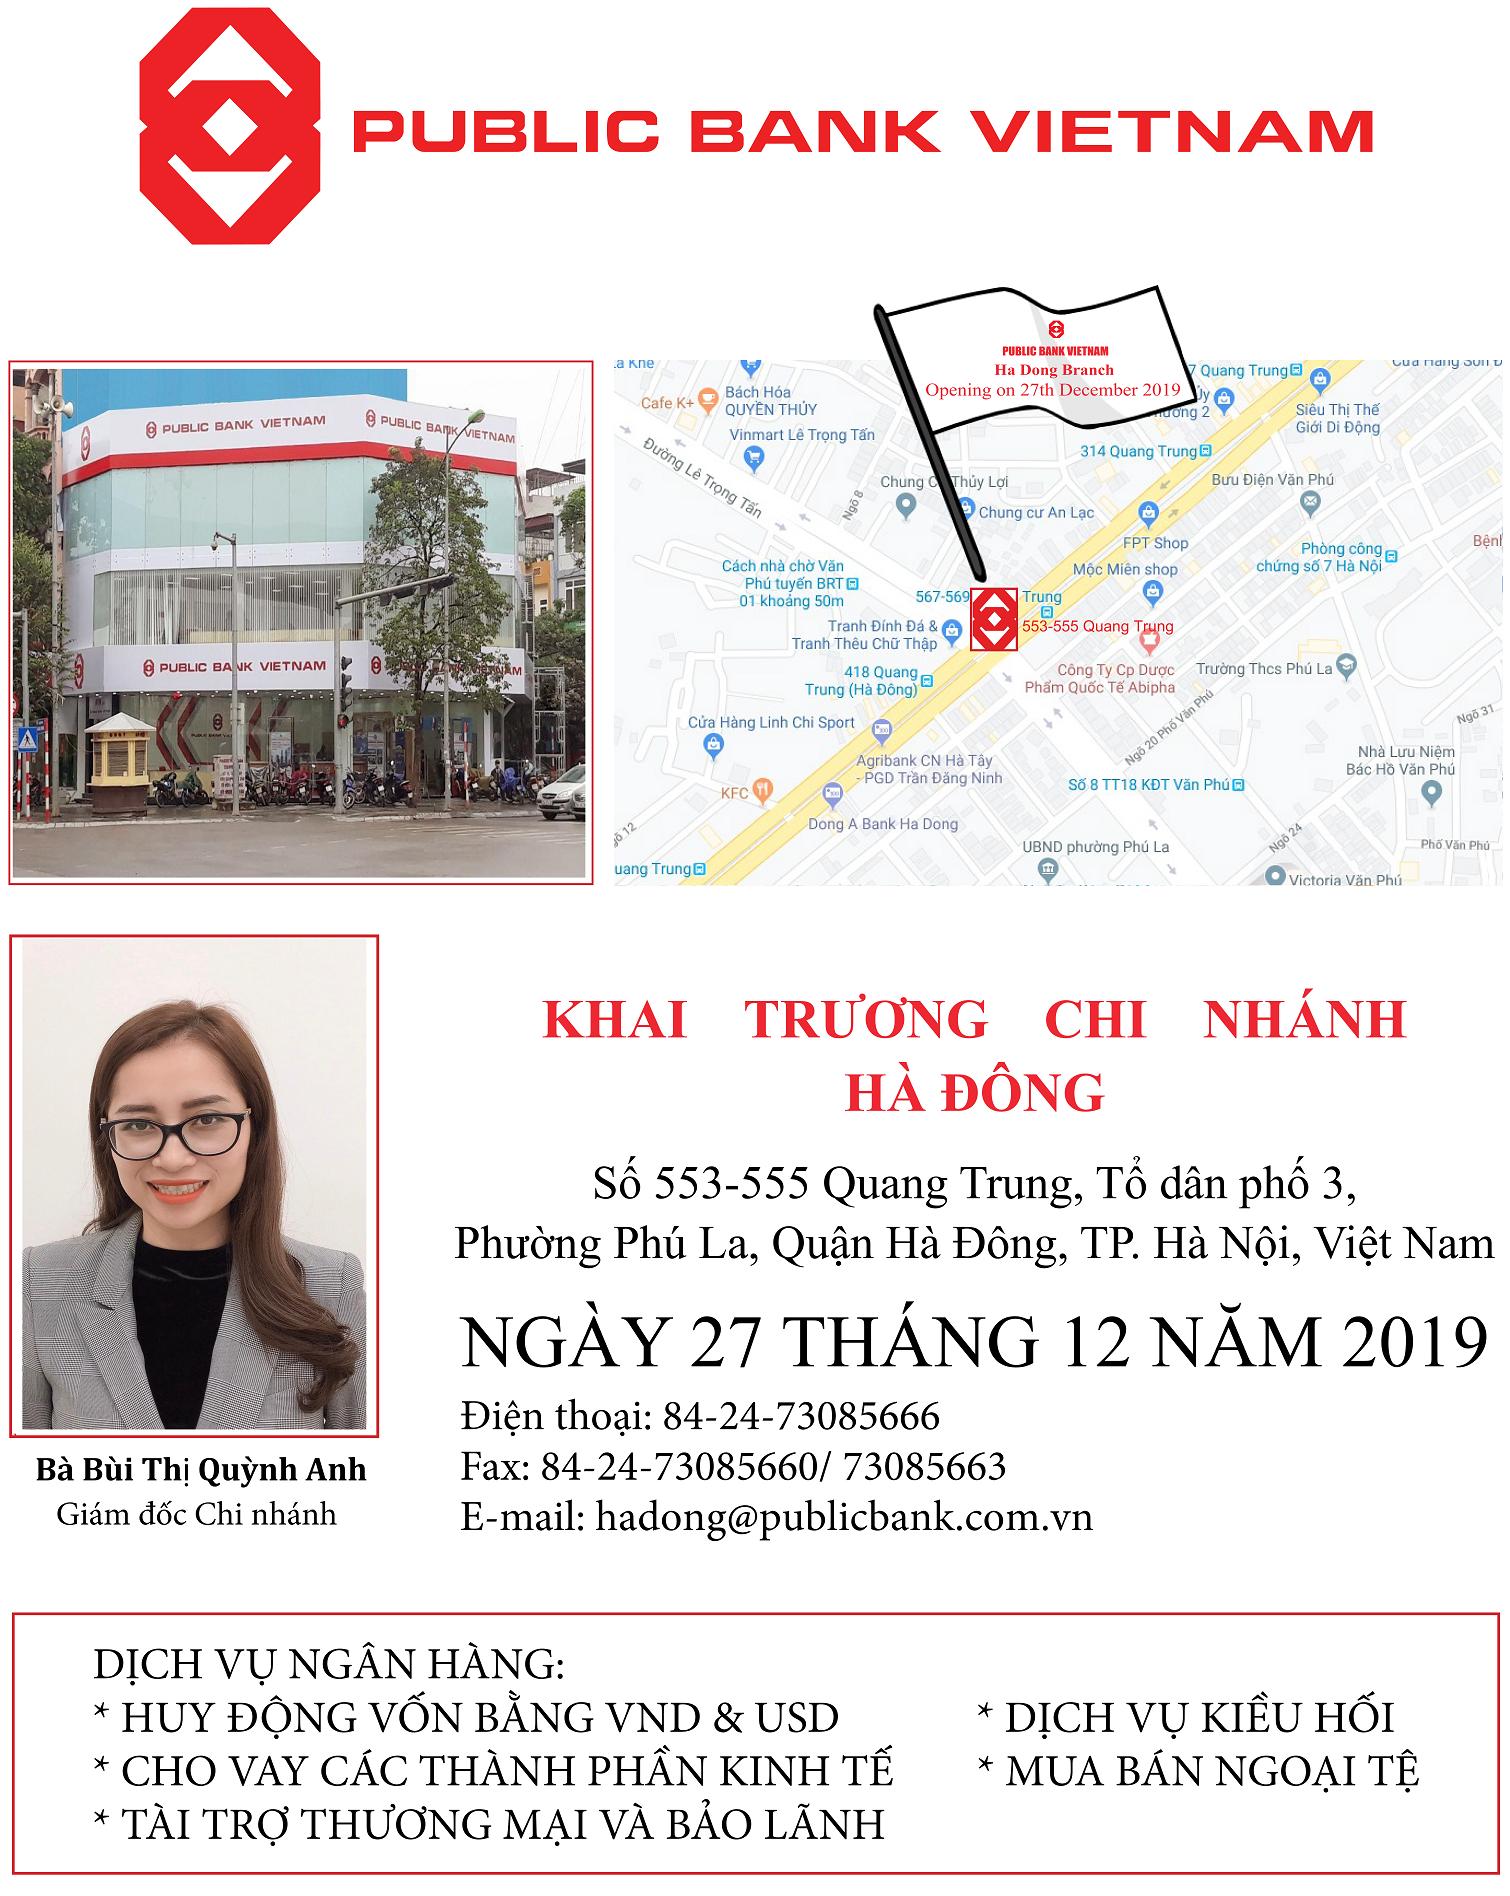 Ngân hàng TNHH MTV Public Việt Nam khai trương Chi nhánh Hà Đông